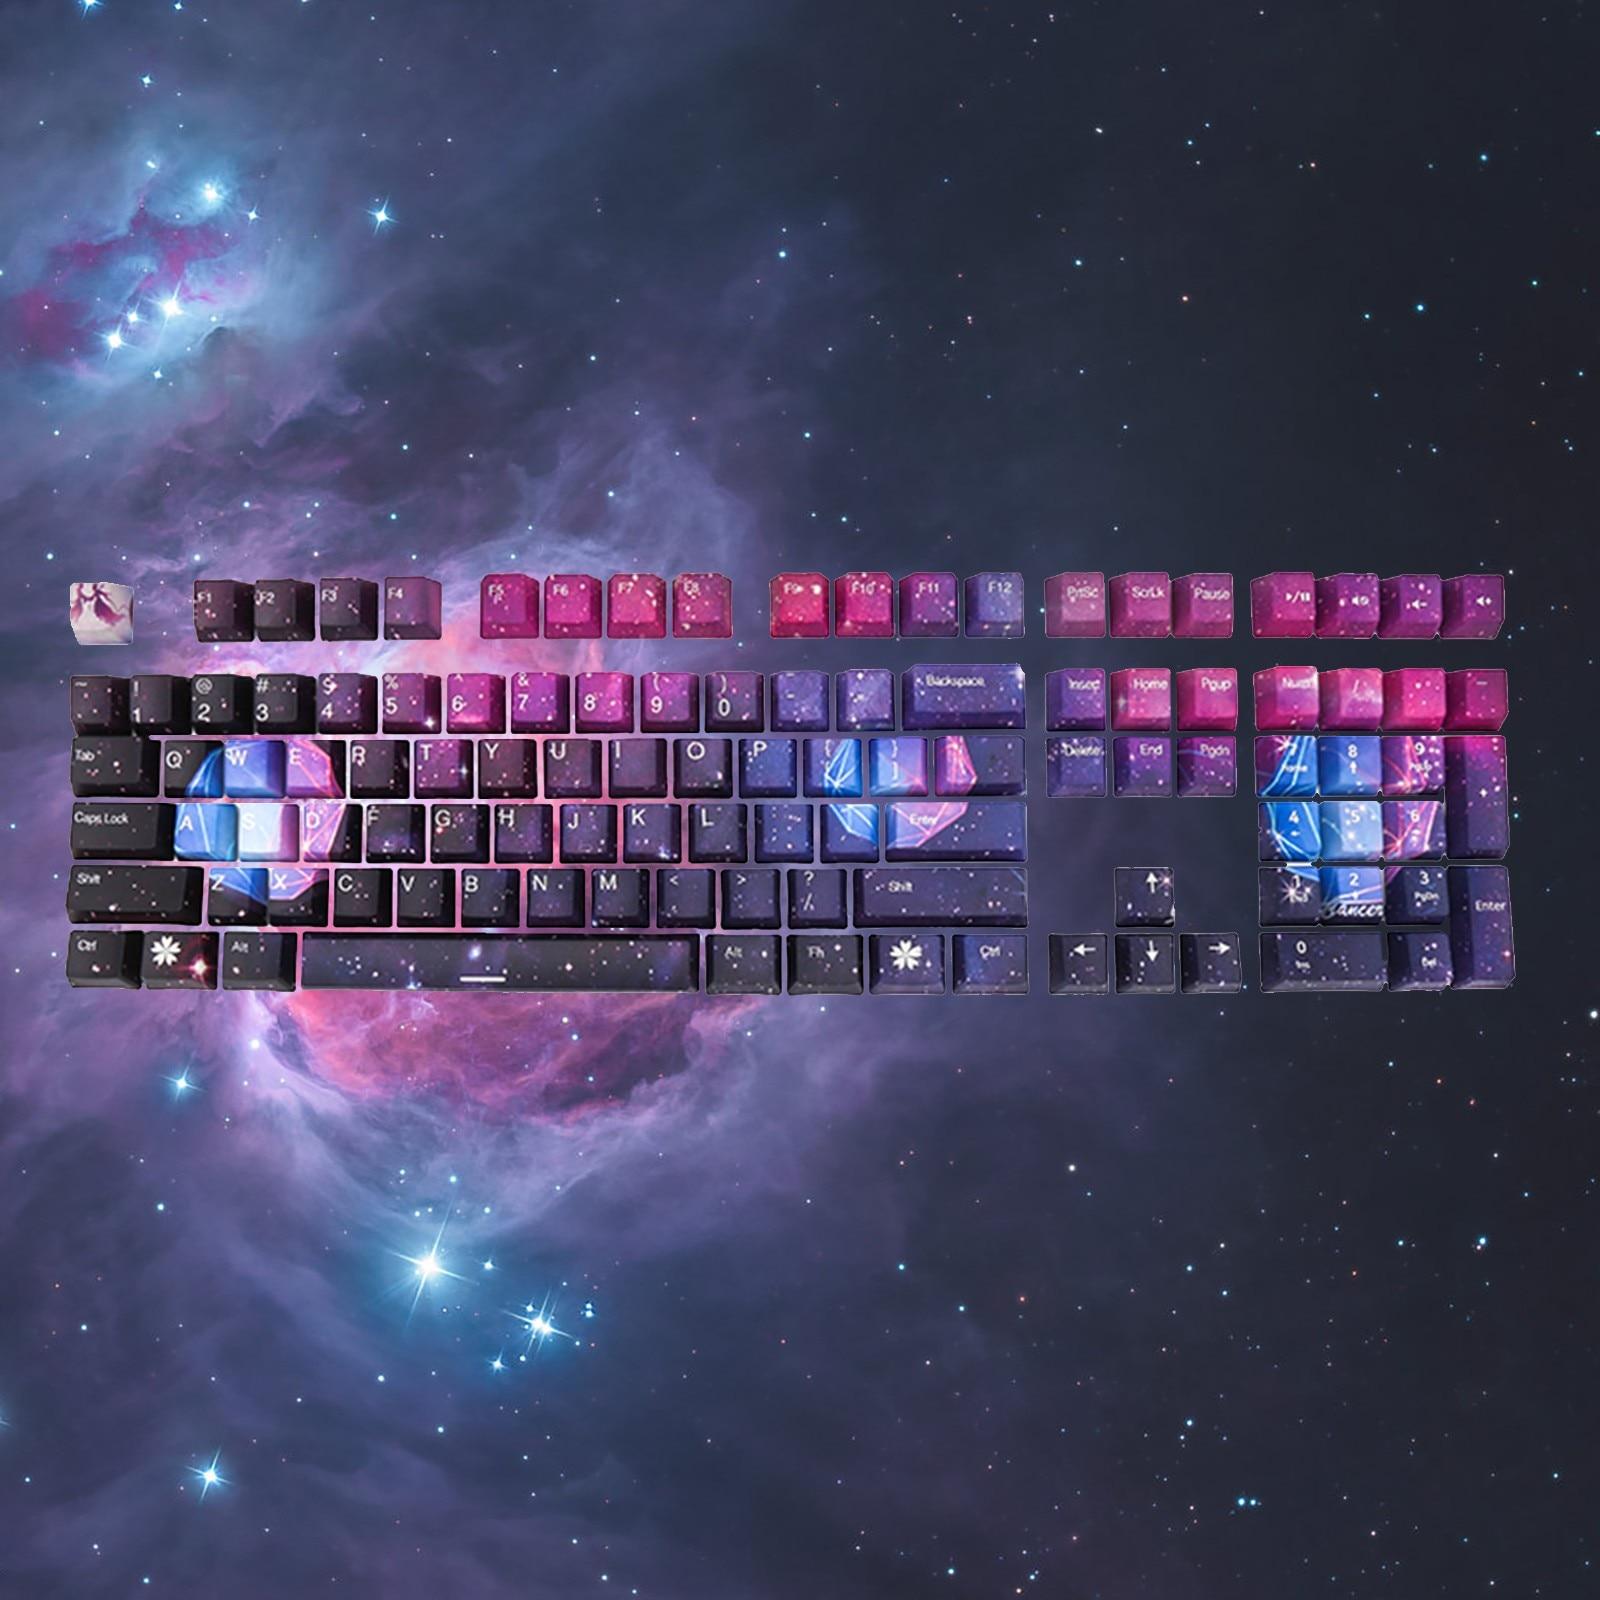 مفاتيح لوحة مفاتيح ميكانيكية ، Pbt oem ، 108 مفتاح ، مصبوب بالحقن ، جودة عالية